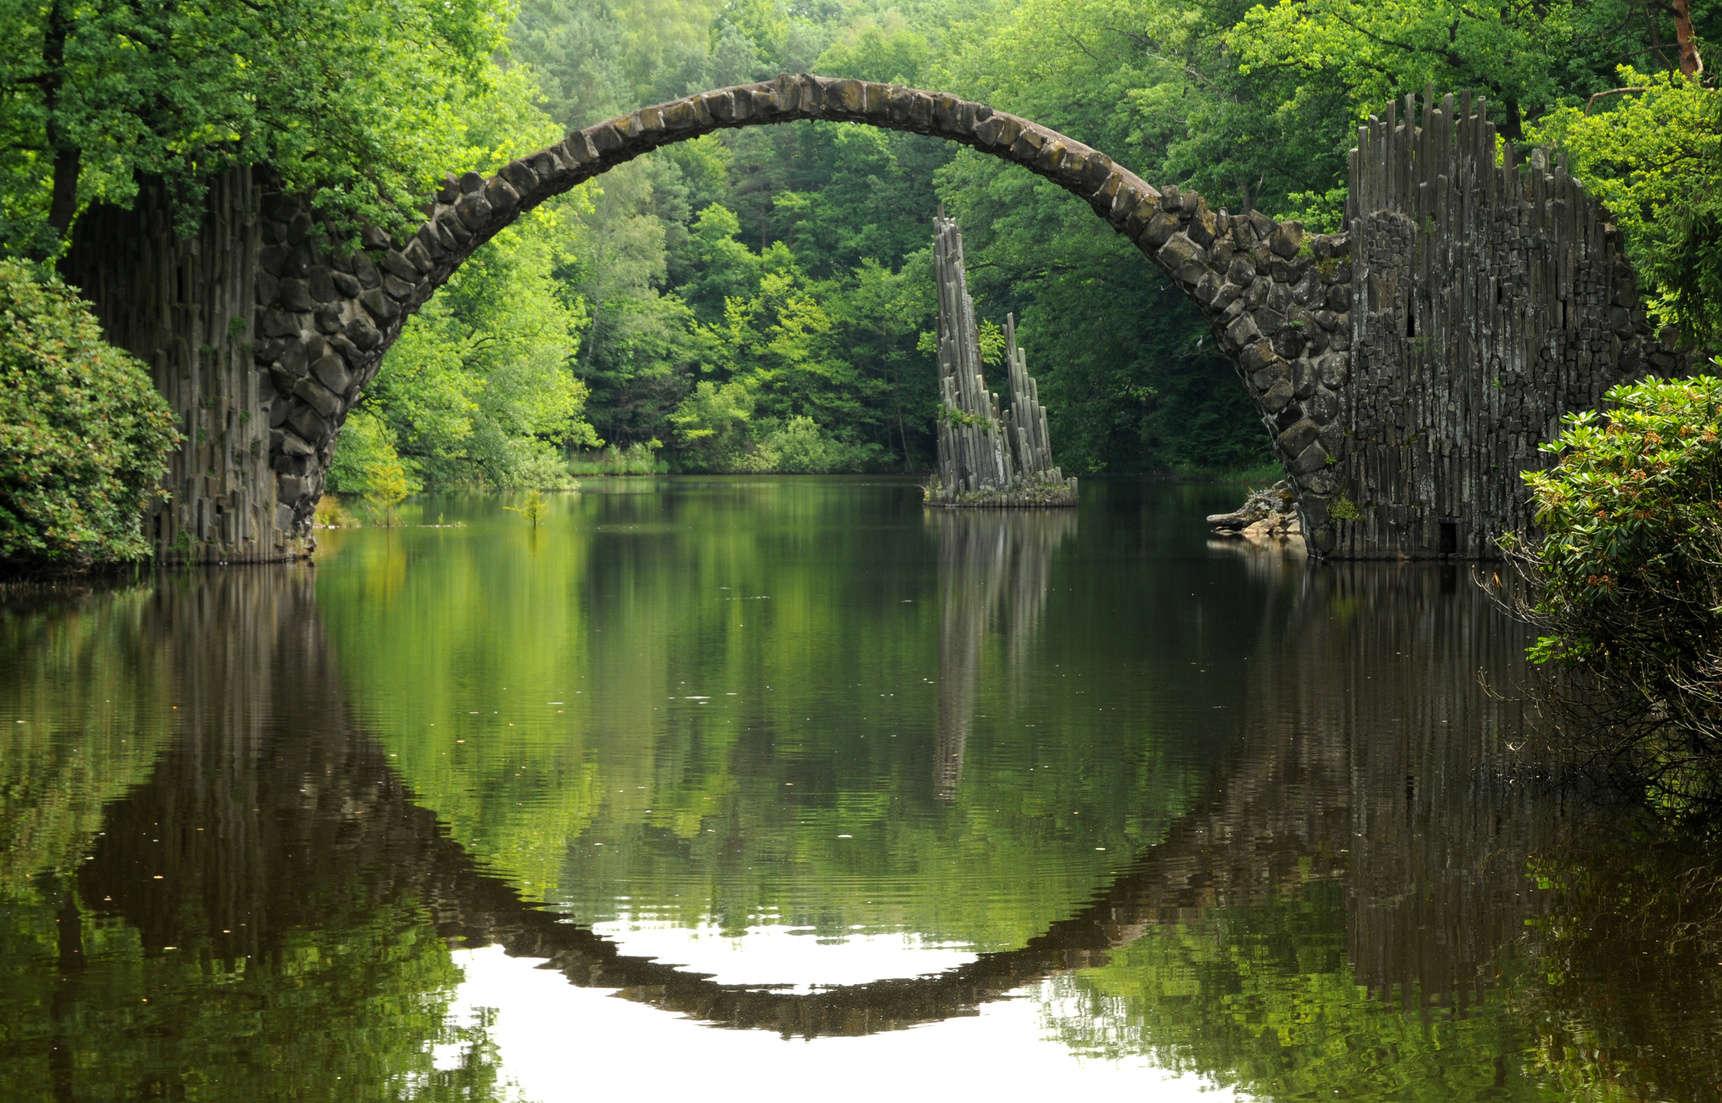 Rakotzbr cke mobi viaggi for Piani di fondazione del ponte